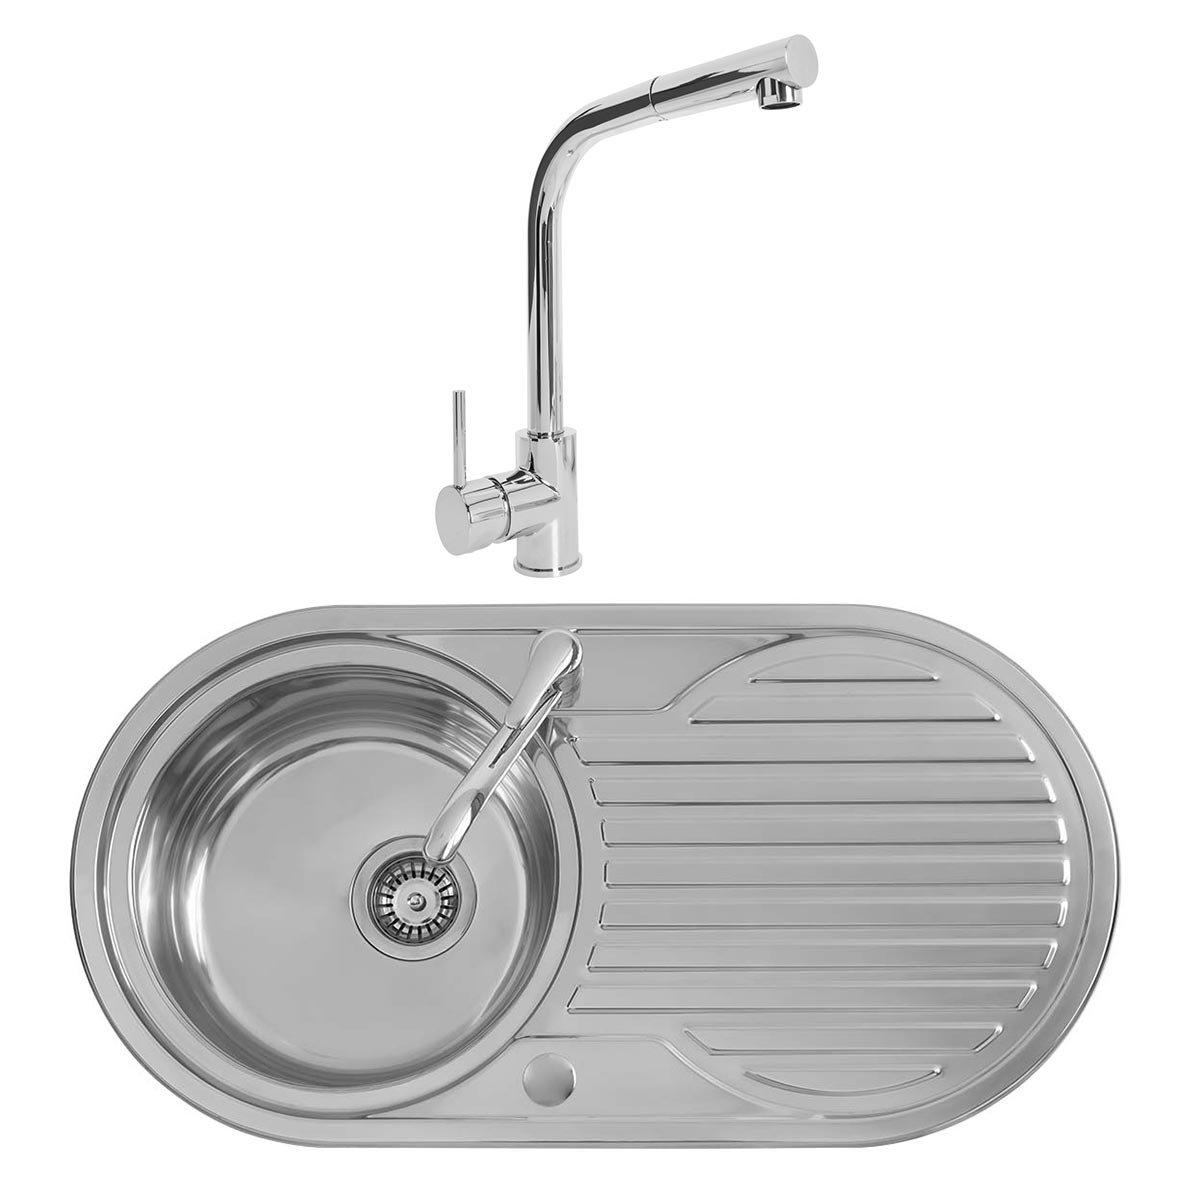 Ungewöhnlich Küchenspüle Sanitär Installationsanleitung ...